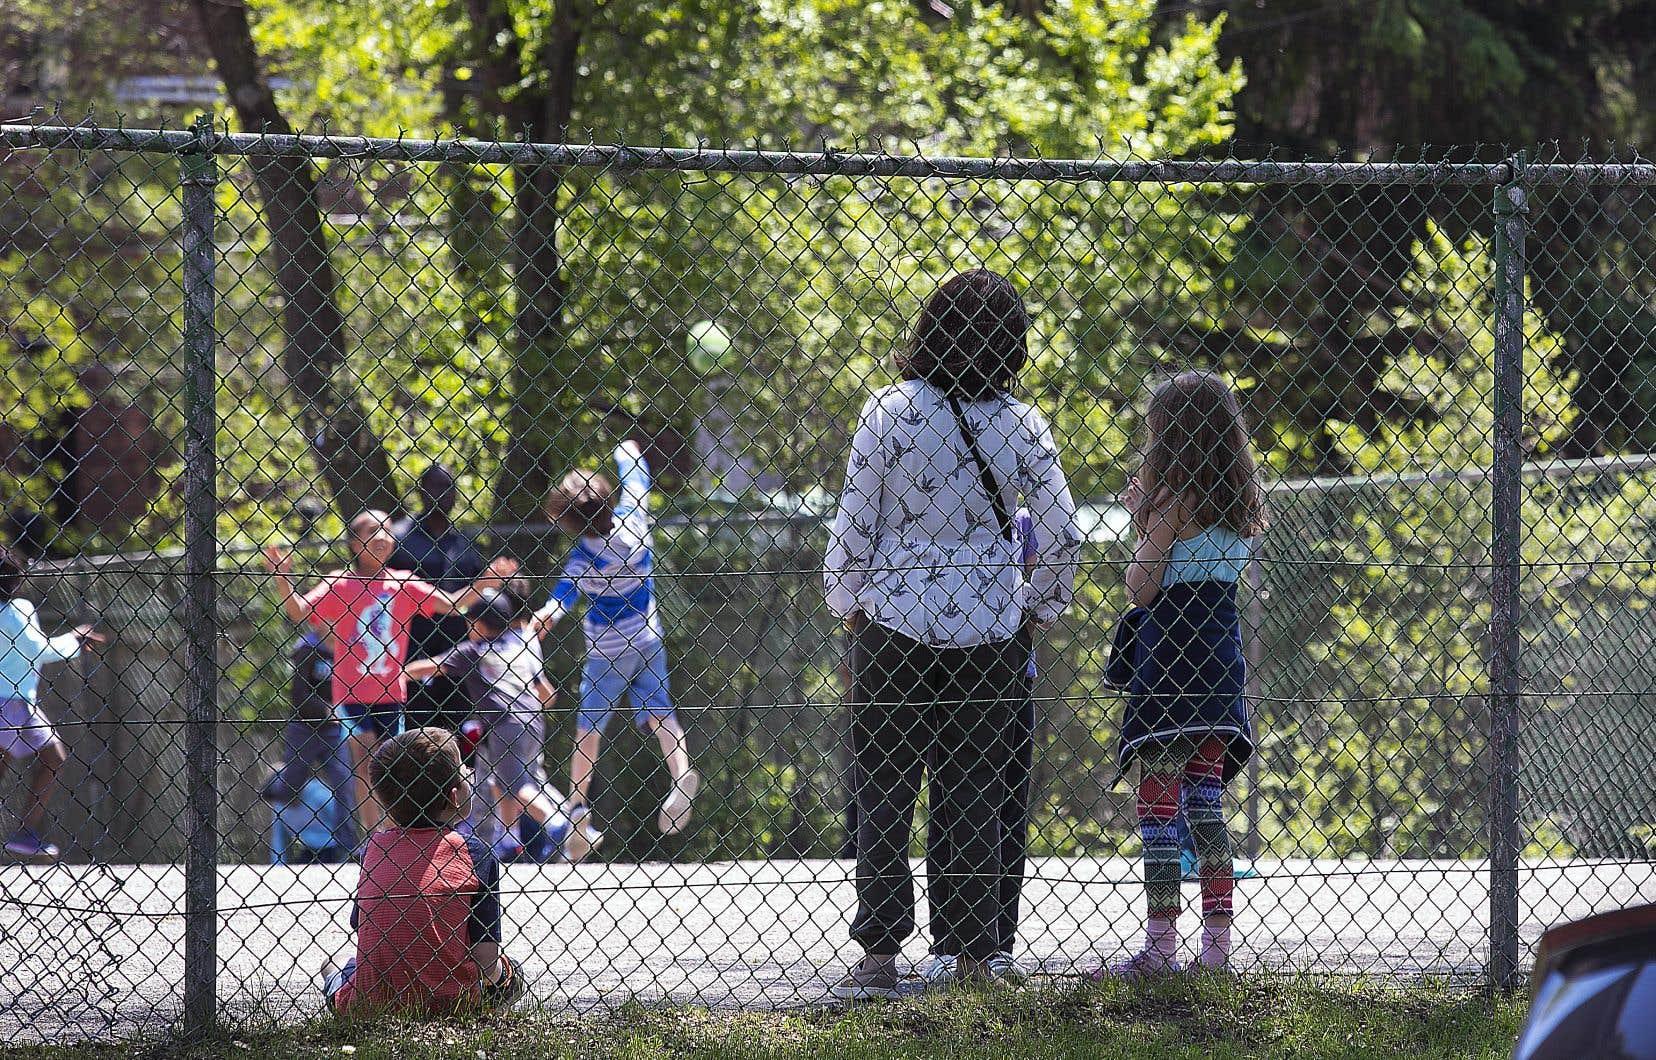 Le ministre de l'Éducation demande aux commissions scolaires d'offrir deux «périodes de détente» de 20 minutes par jour pour permettre aux enfants d'aller jouer dehors.